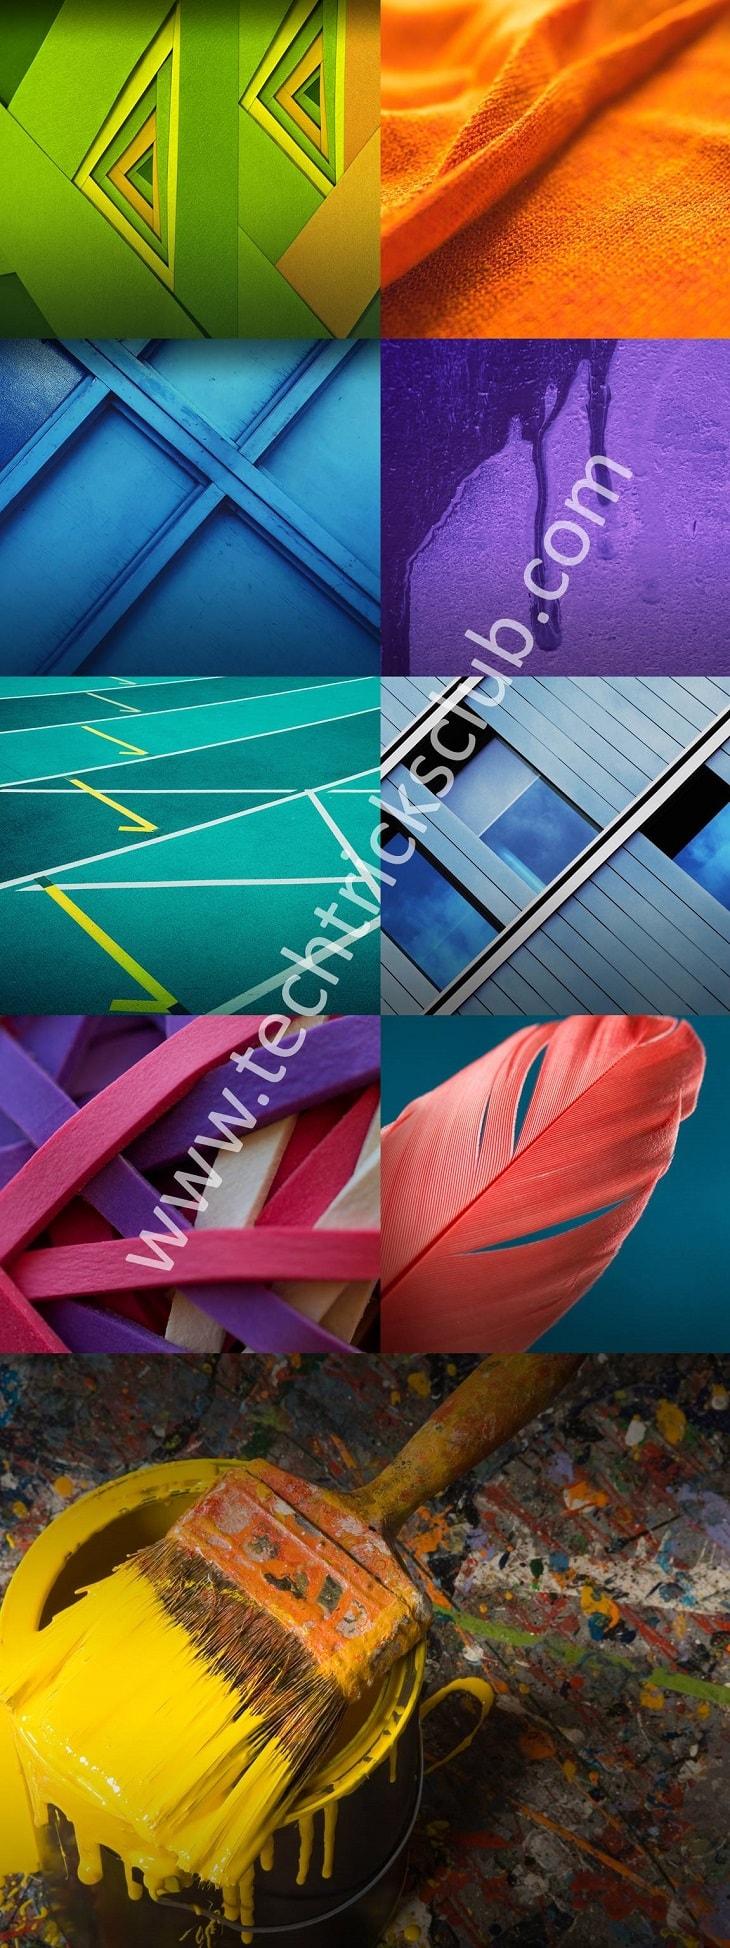 Moto x wallpaper wallpapersafari - Moto g4 stock wallpapers ...